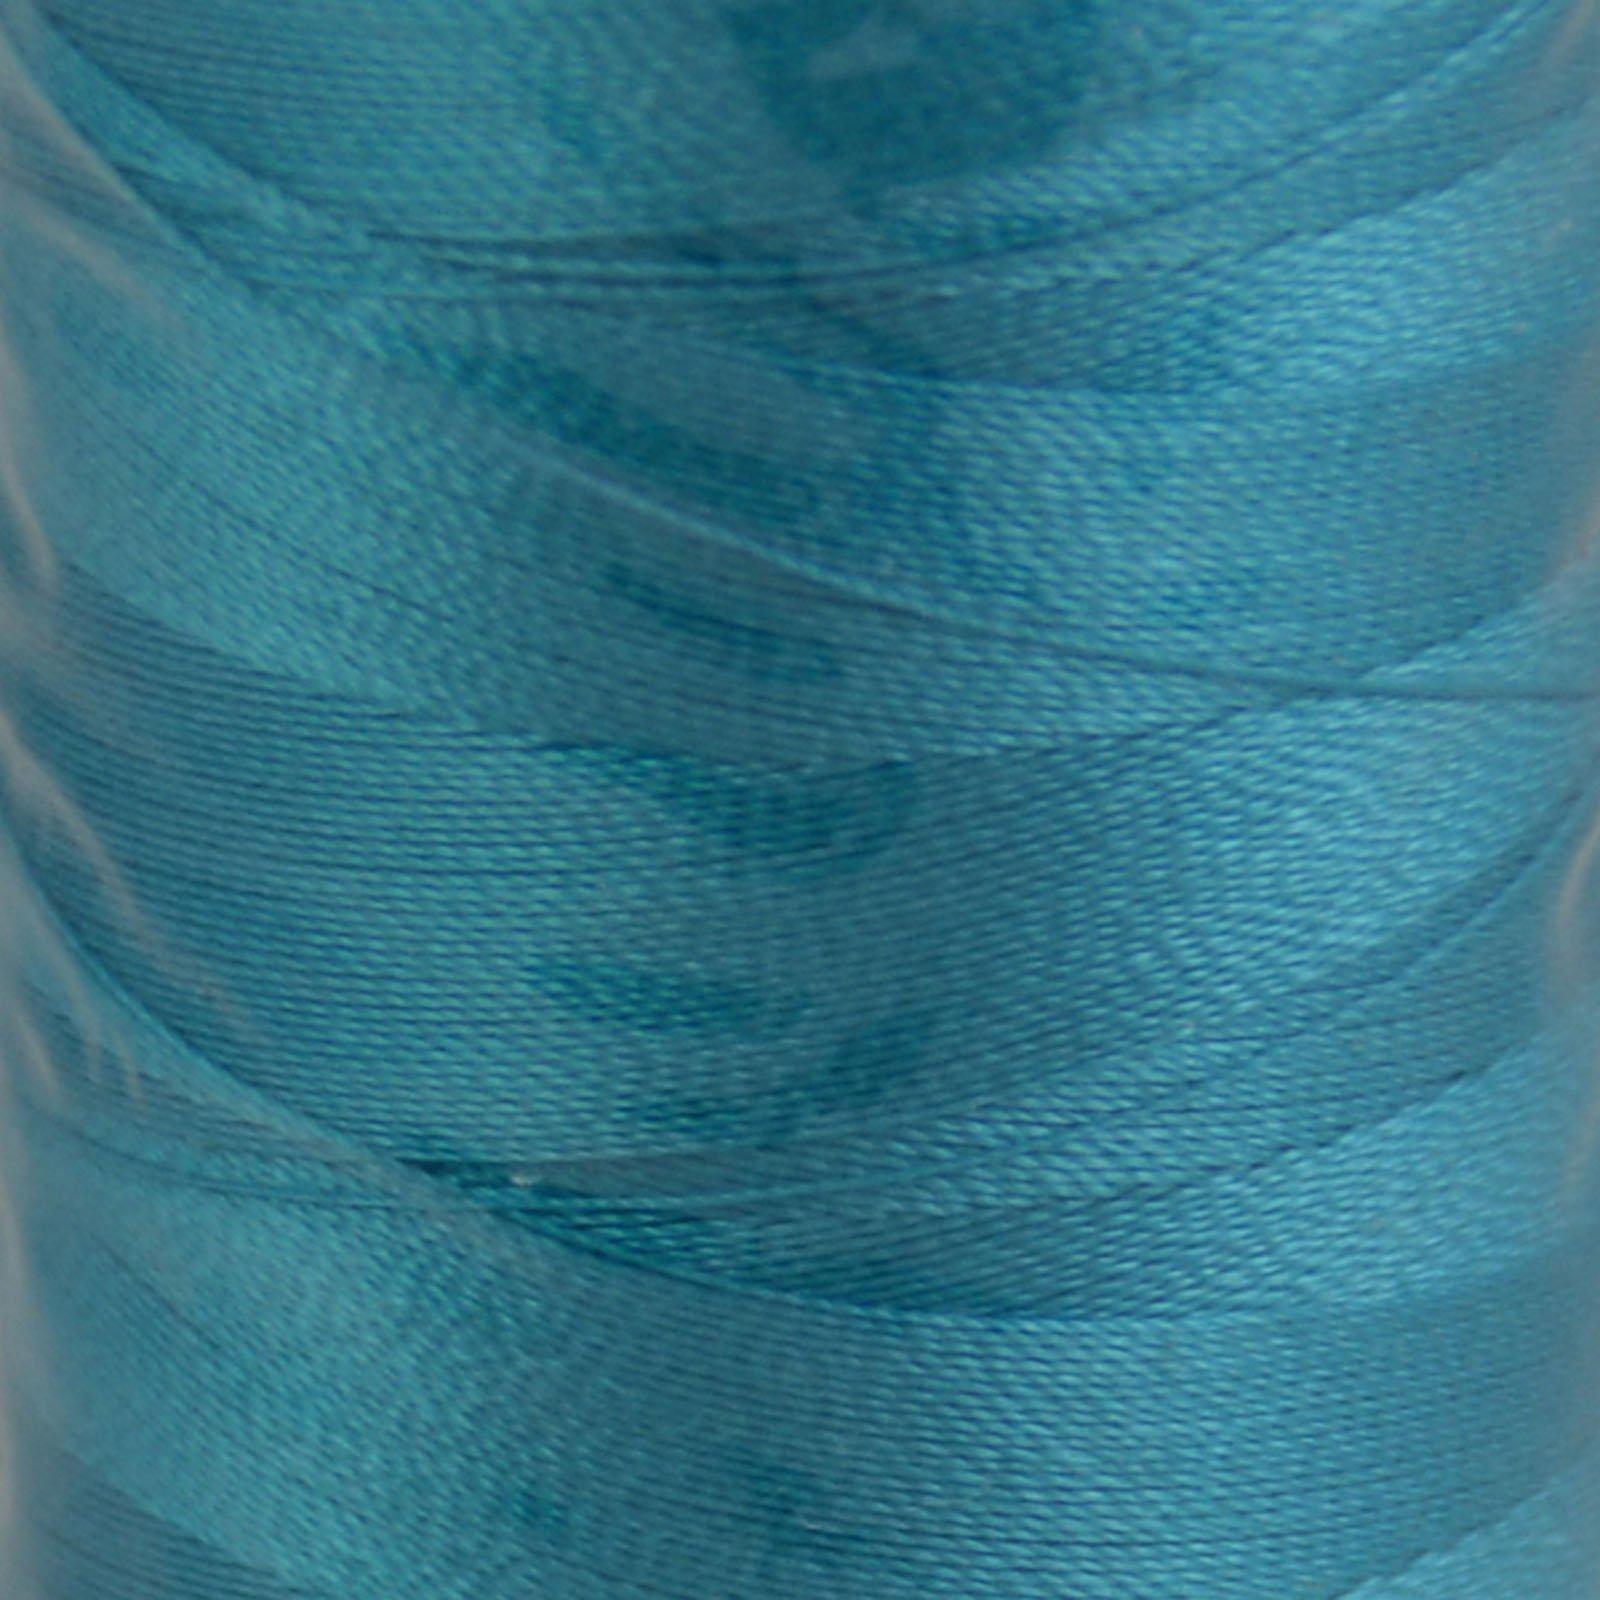 # 2810 Turquoise